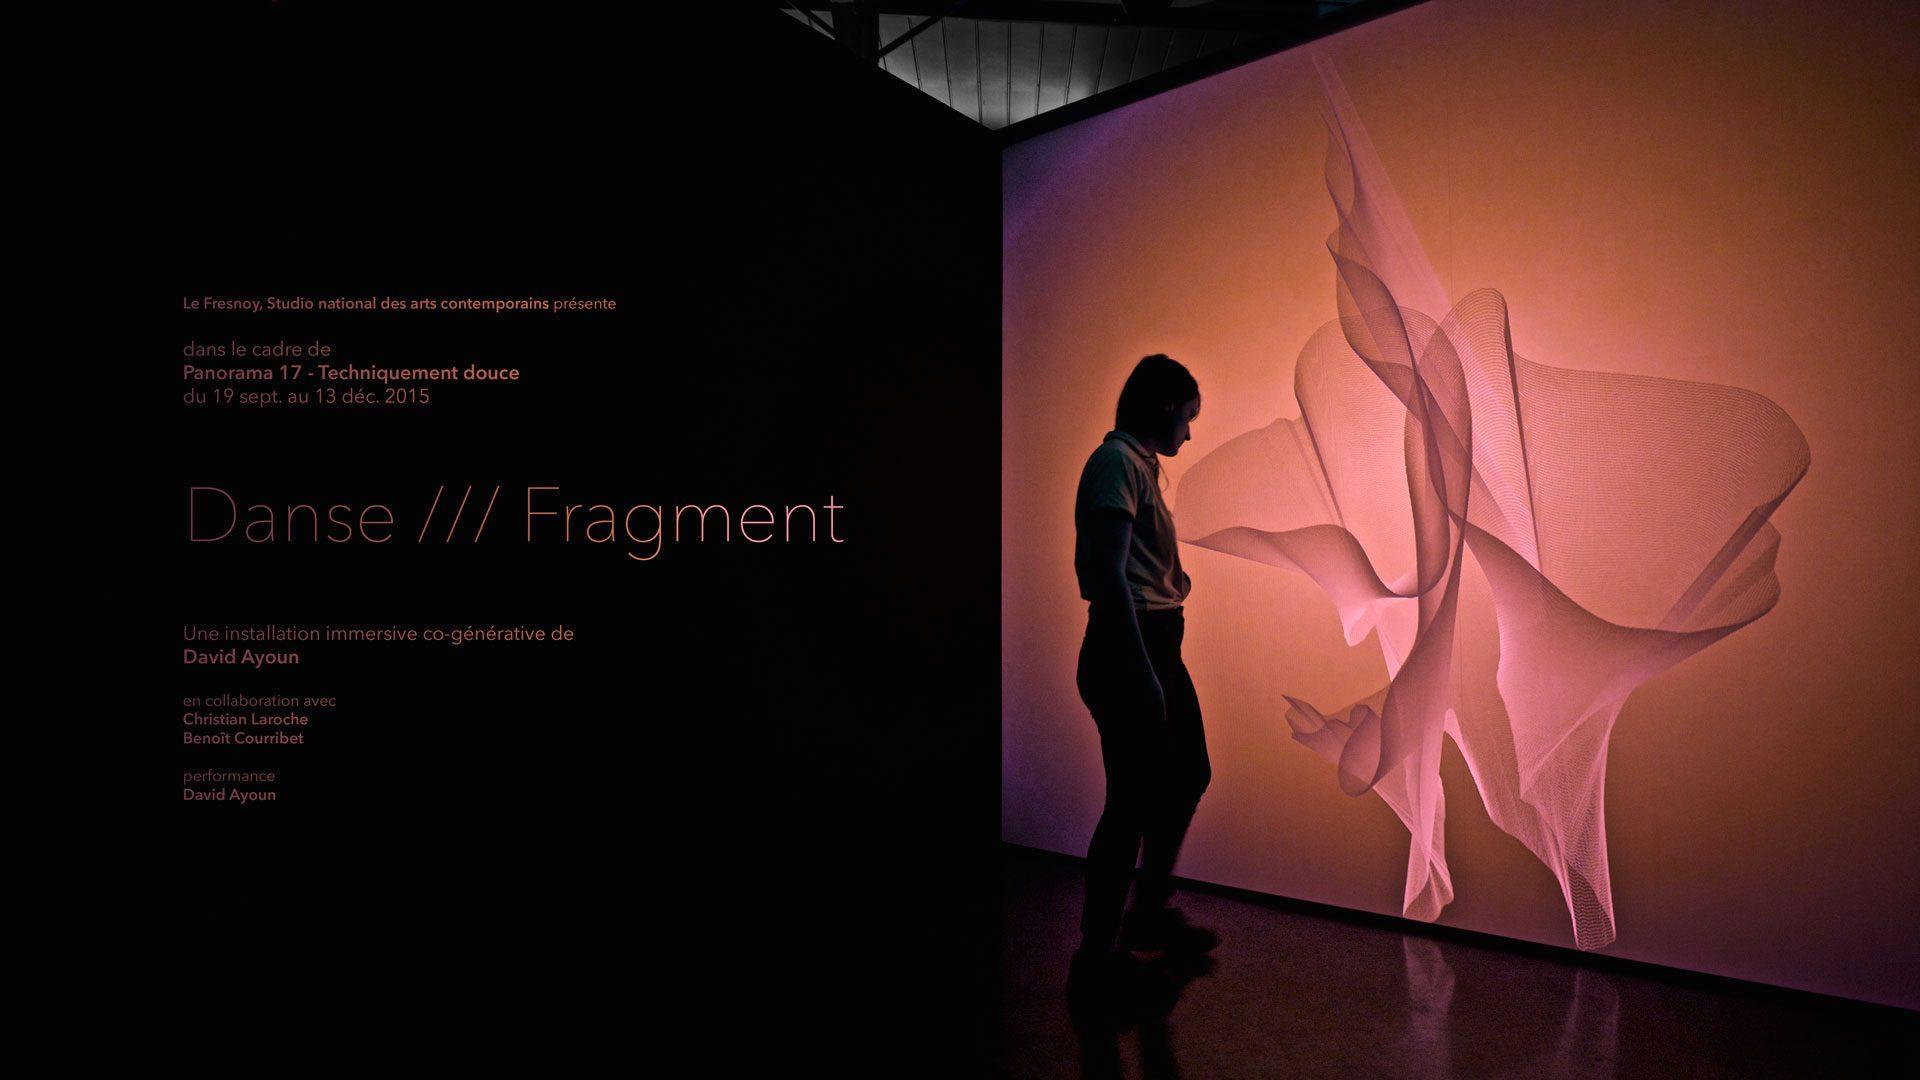 Danse /// Fragment (2015)